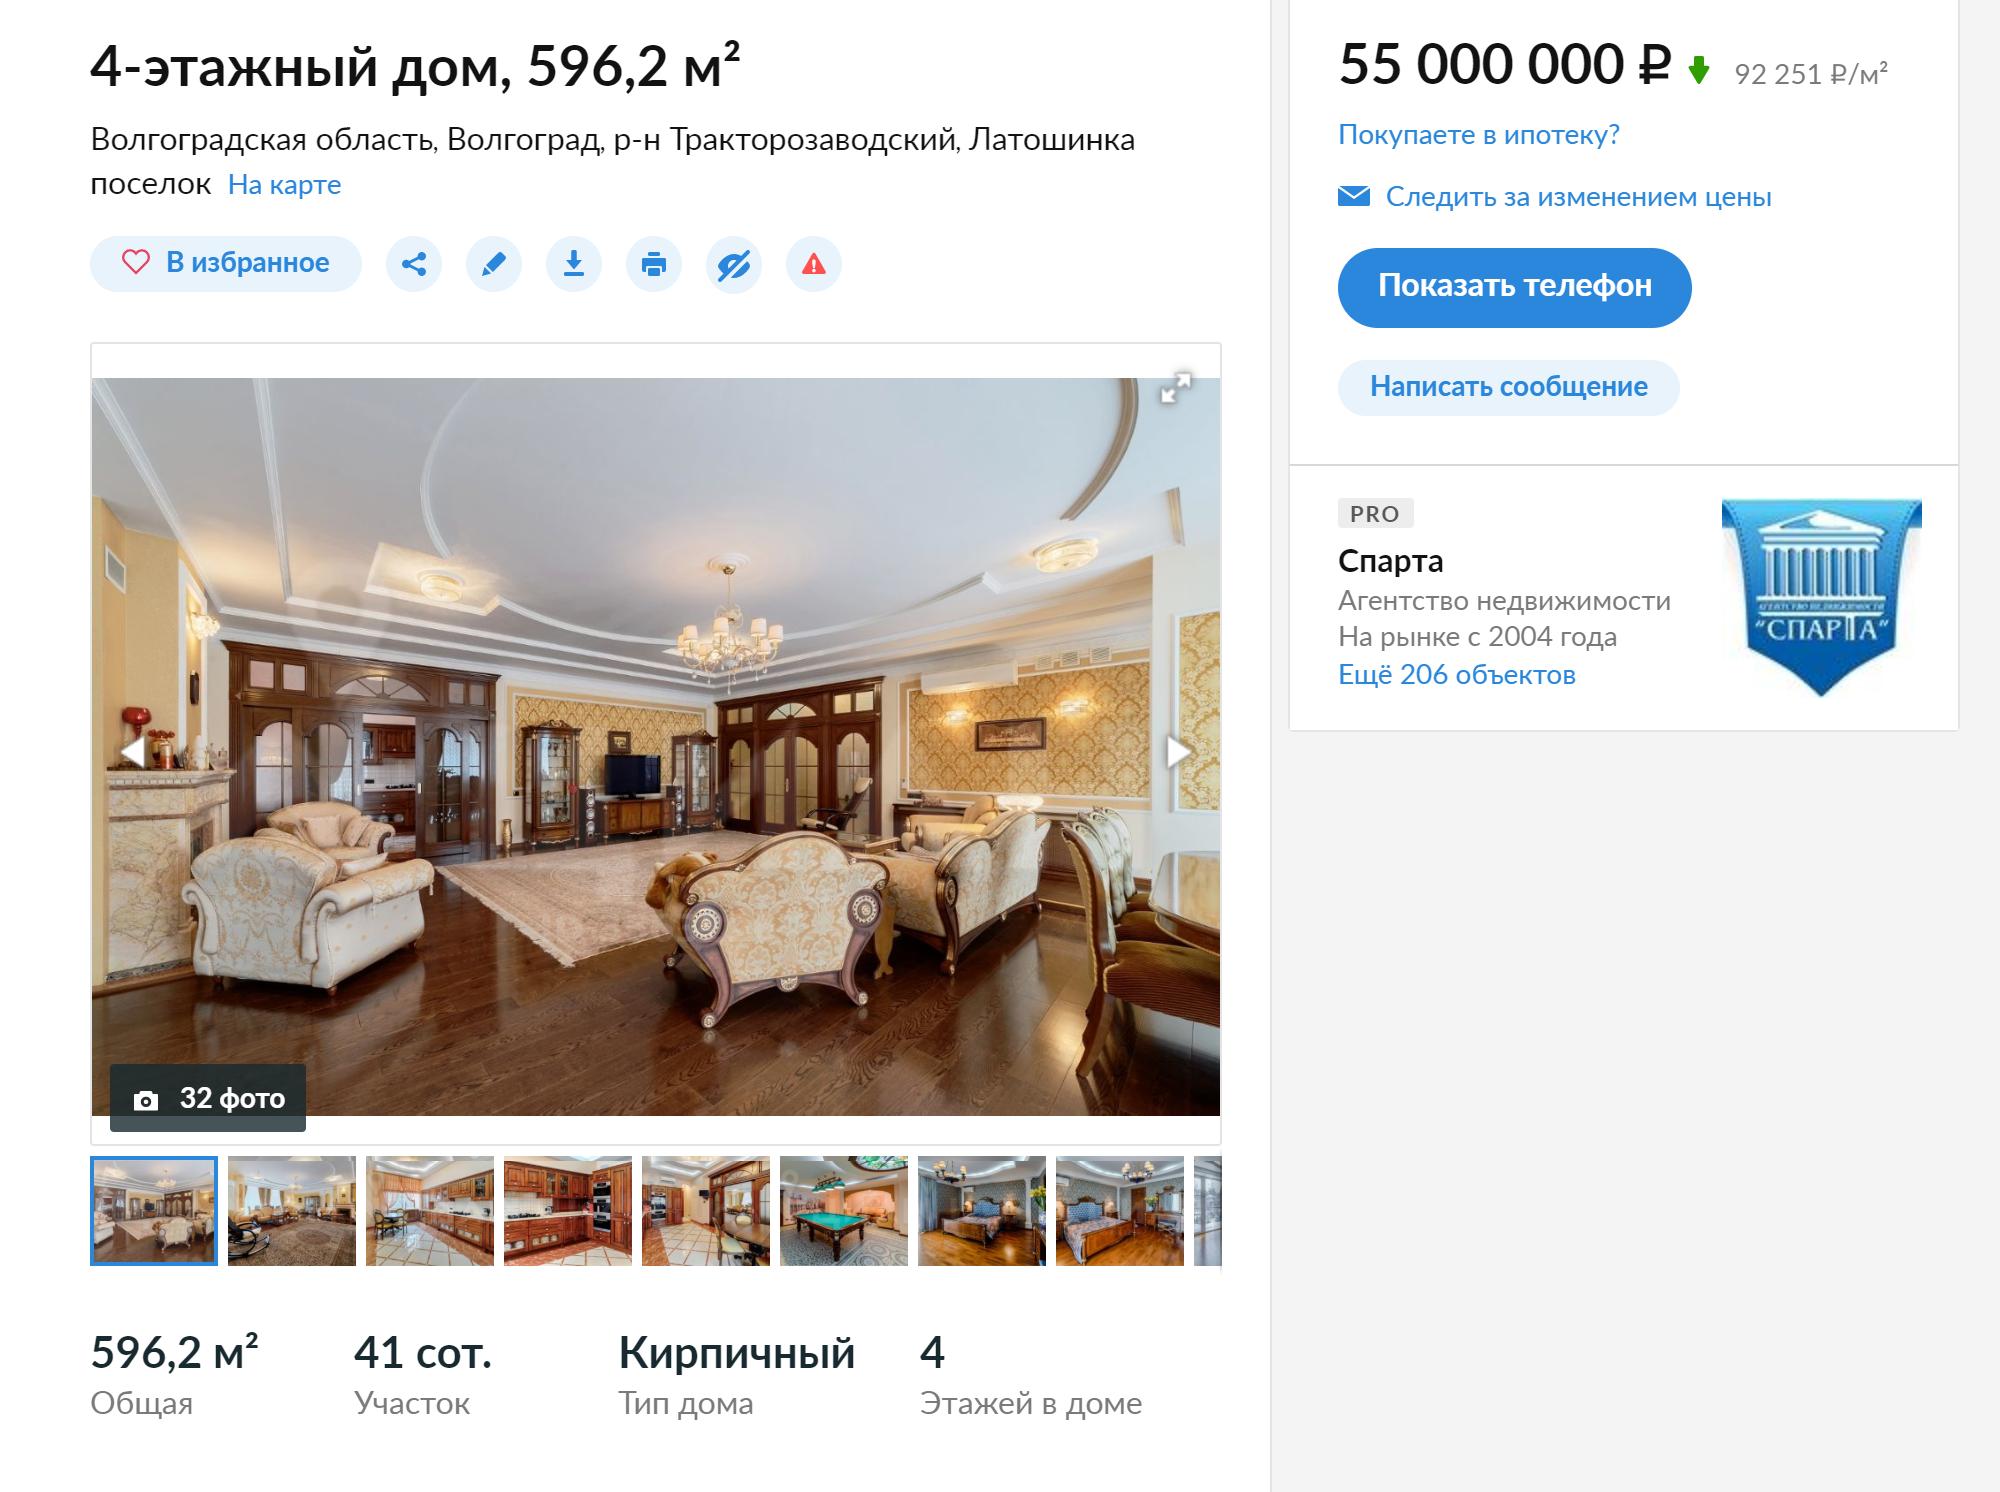 Самый дорогой коттедж в «Латошинке» за 55 млн рублей — четыре этажа, бильярдная, кинотеатр, бассейн и участок площадью 4100 м²